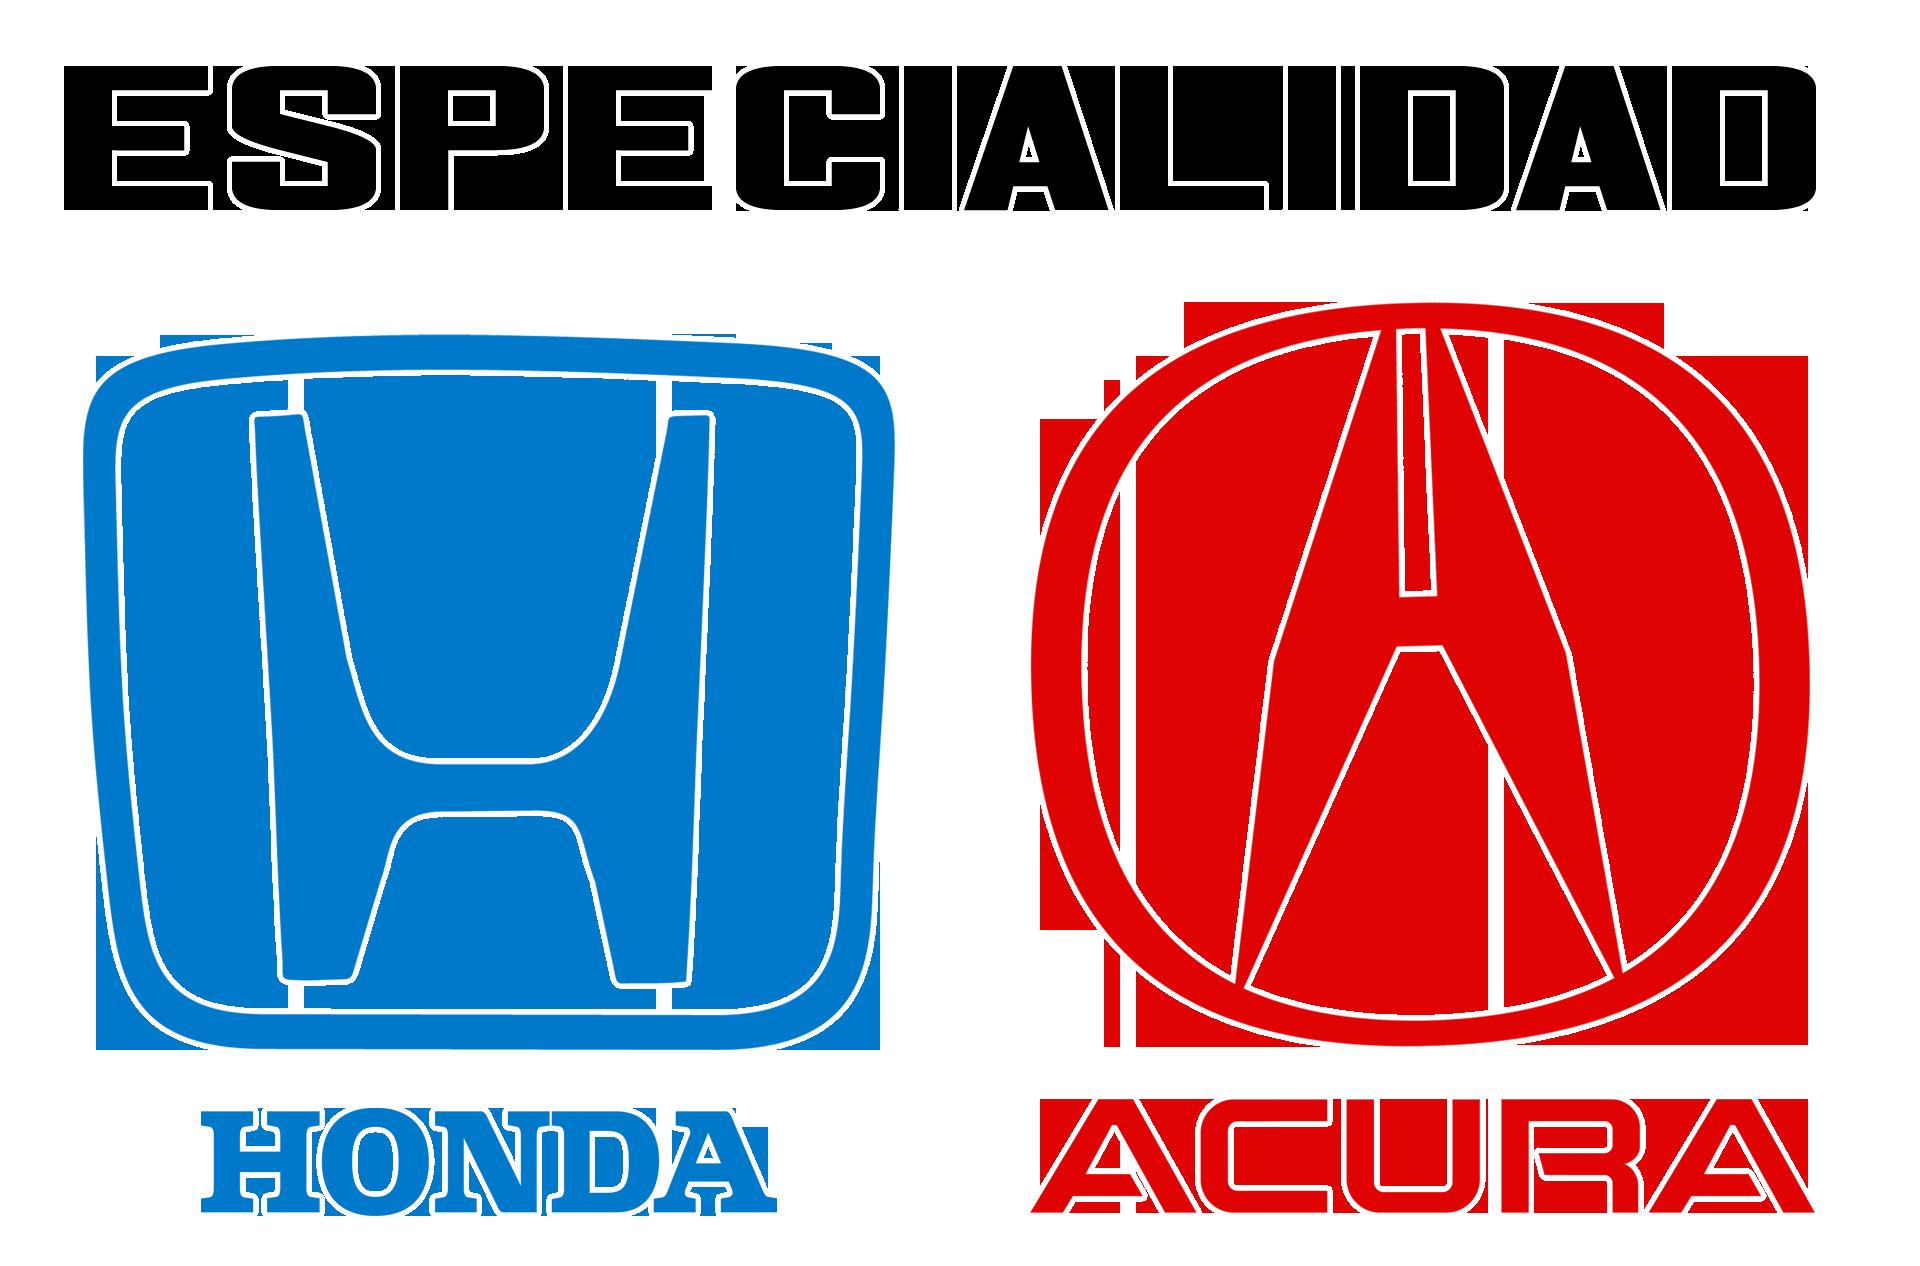 Especialidad Honda y Acura Logo